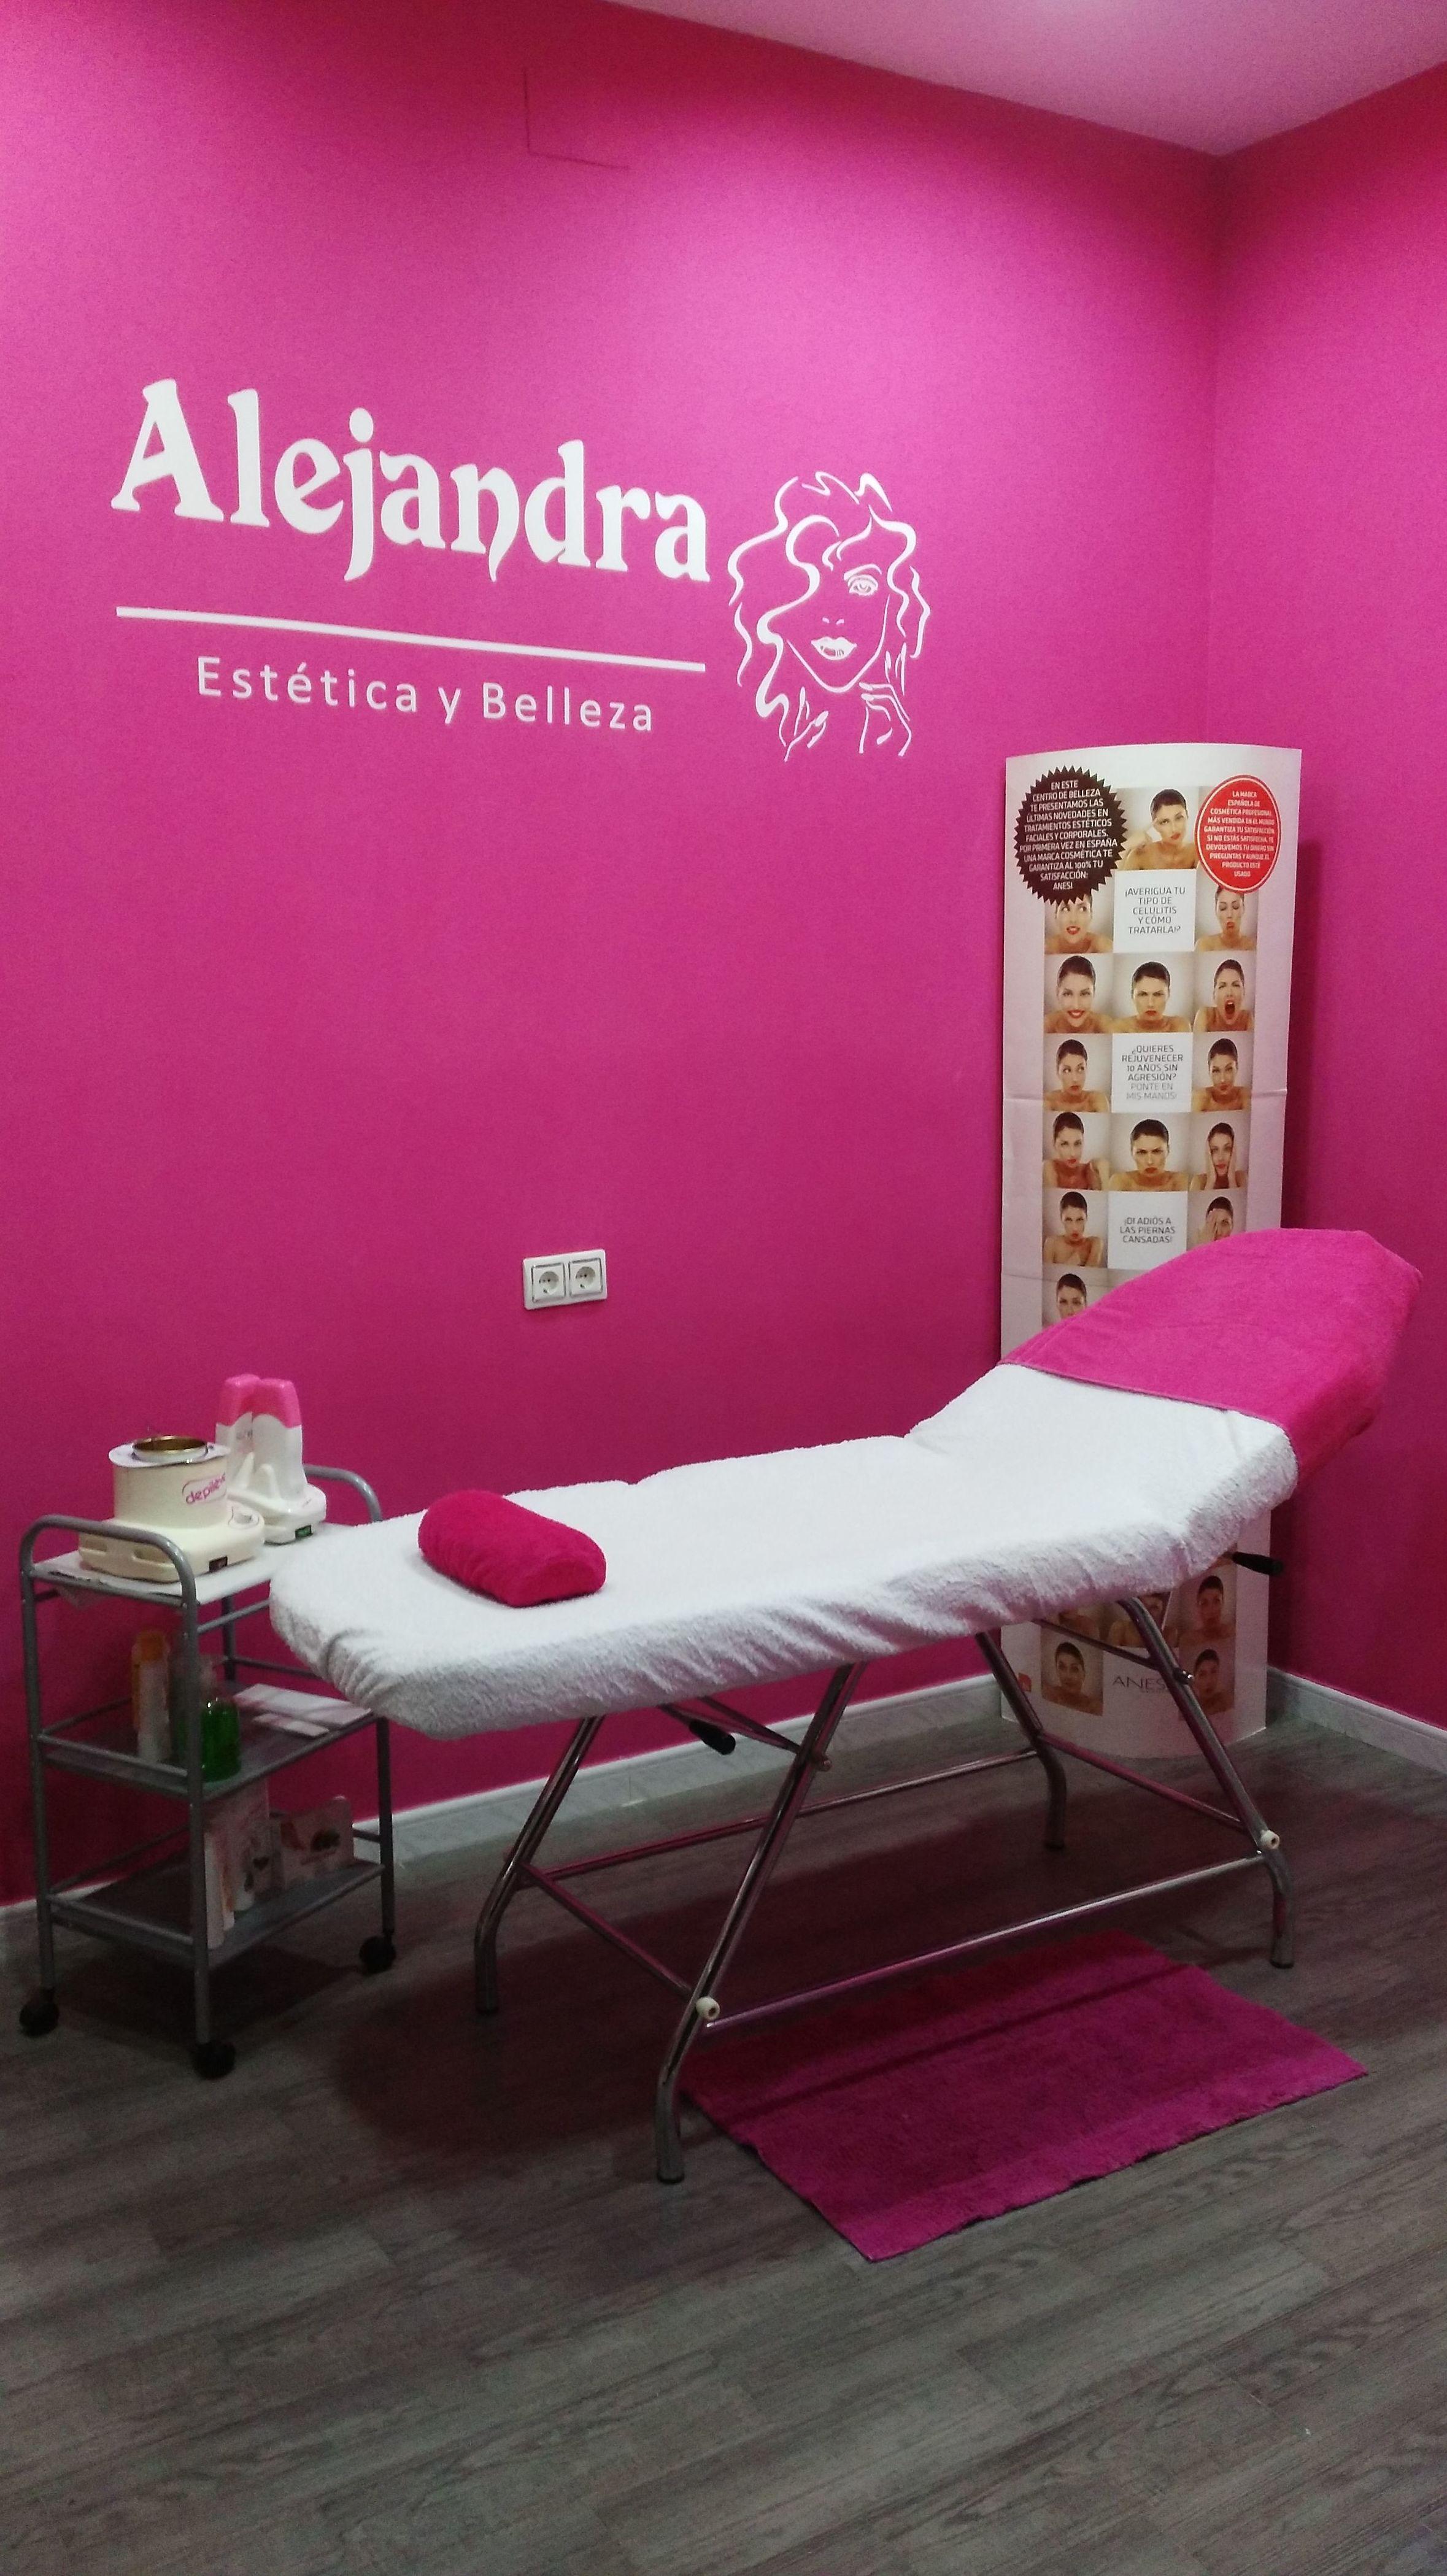 Foto 1 de Centro de estética y belleza en Tarancón en Tarancón | Alejandra Estética y Belleza